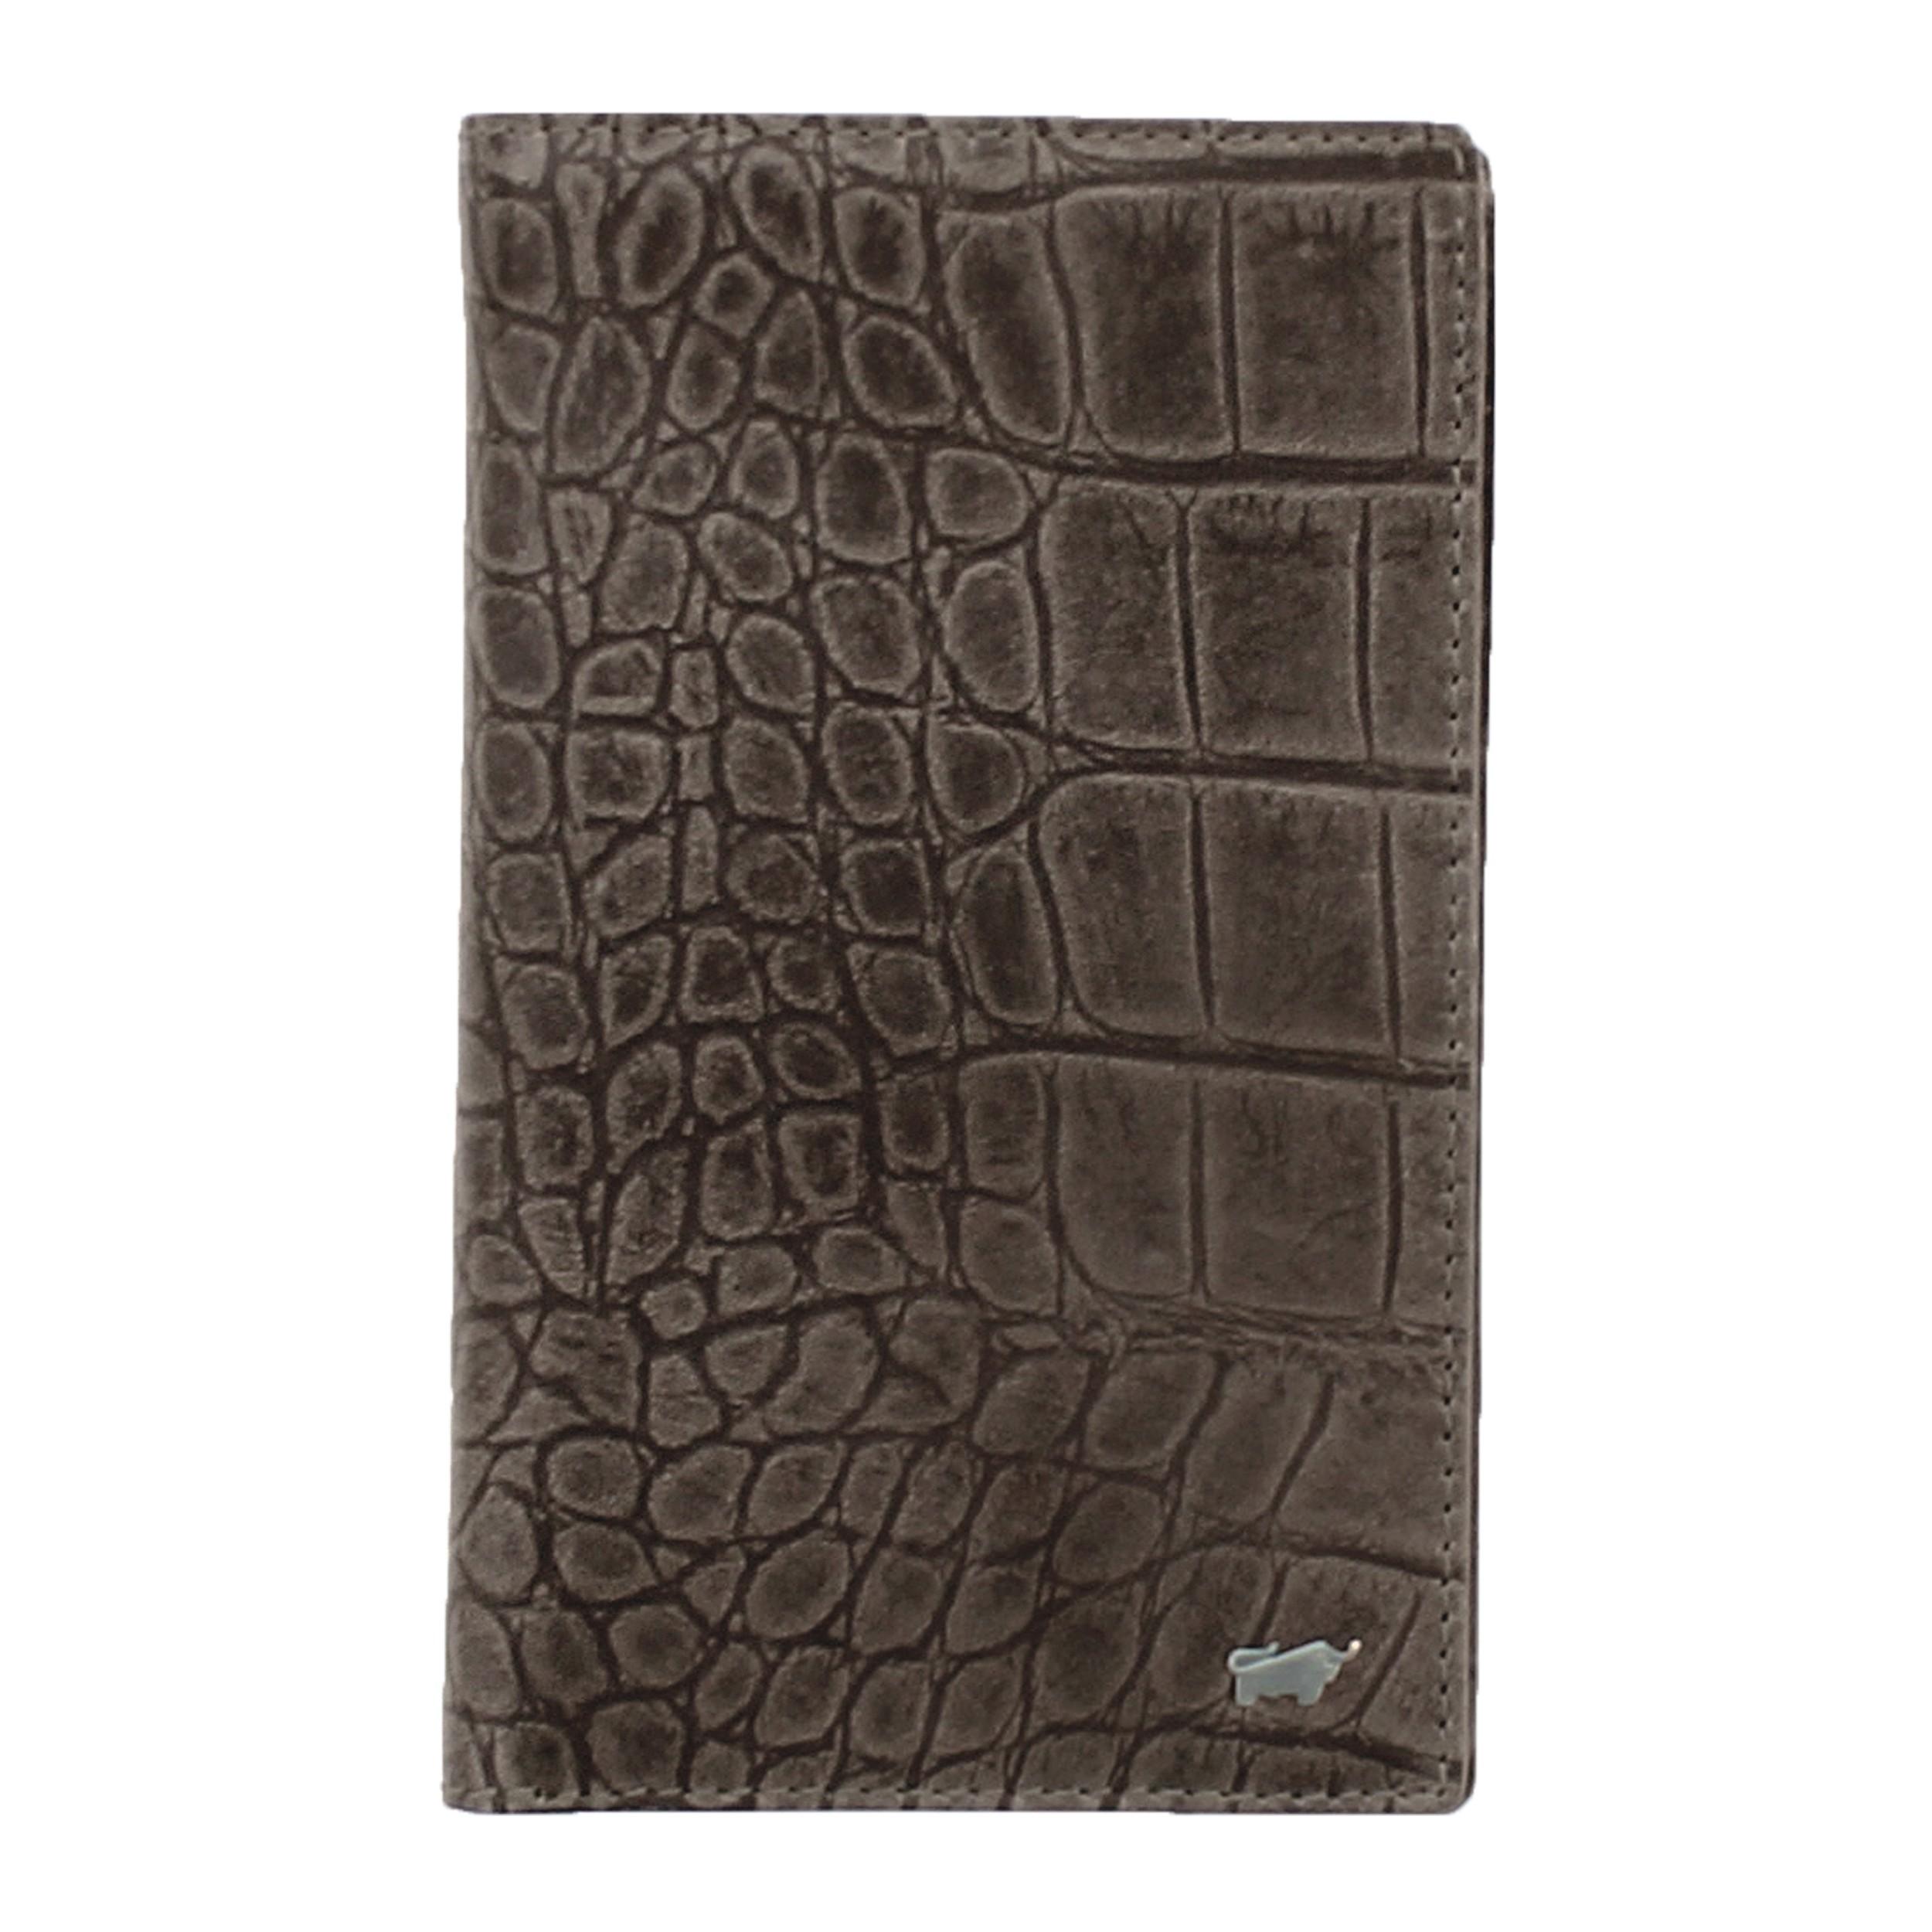 lisboa-brieftasche-8-3cs-Rindleder in Kroko-Optik-69149-701-31